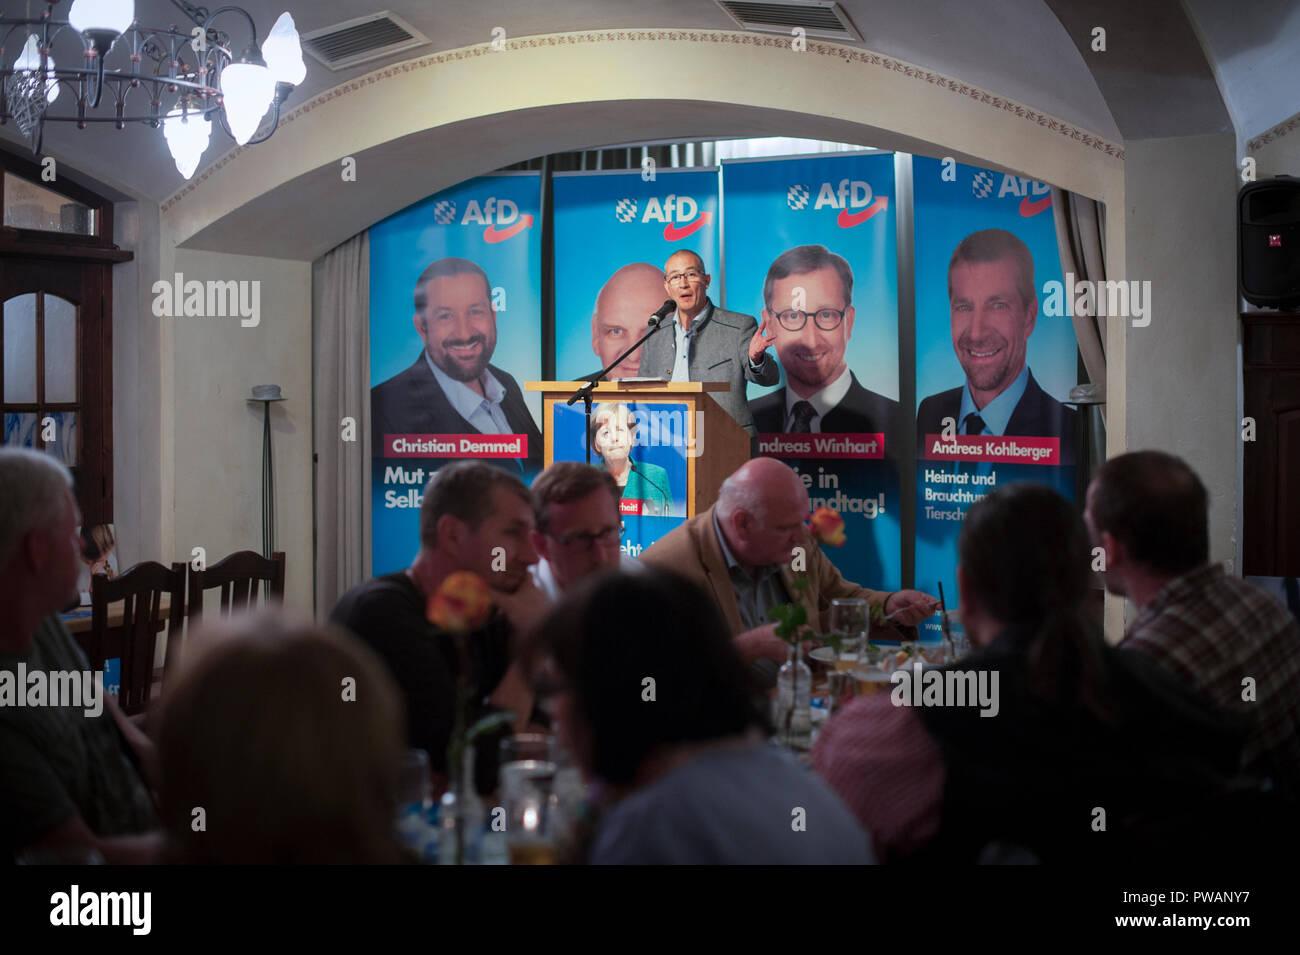 Hansjörg Mülleran AfD político en el Bundestag, hablando en un mitin electoral AfD reunión en un Bierkeller en Rosenheim, Baviera, Alemania. Imagen De Stock